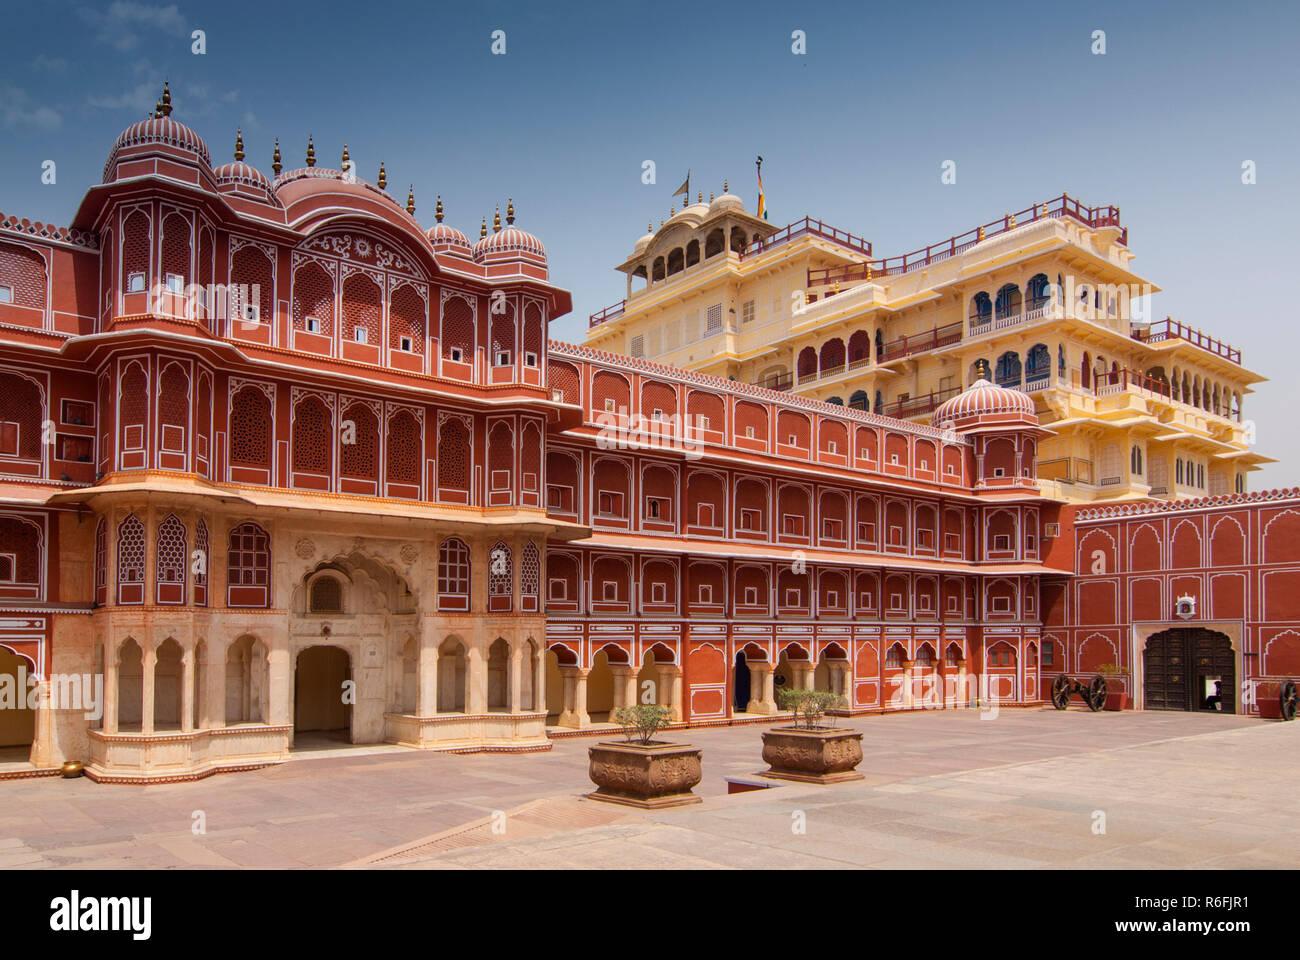 Chandra Mahal The Royal Residence At The City Palace, Jaipur, Rajasthan, India - Stock Image